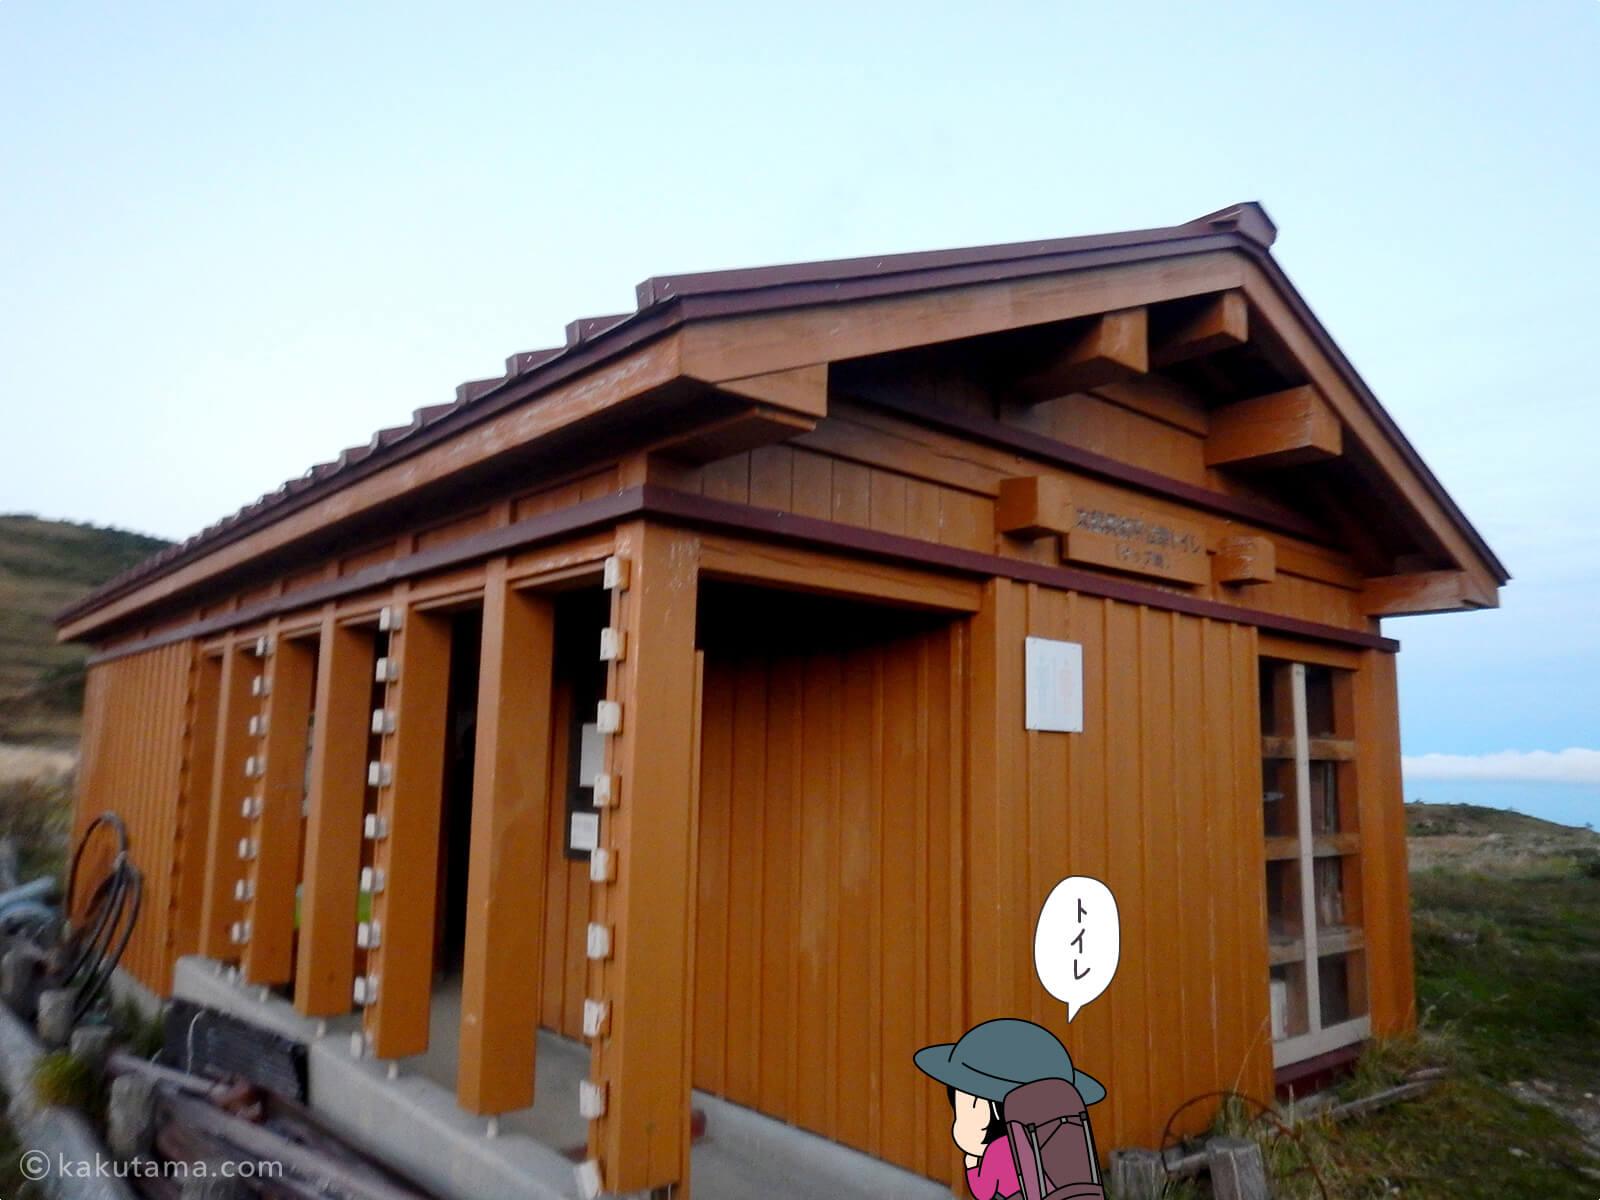 太郎平小屋のトイレ